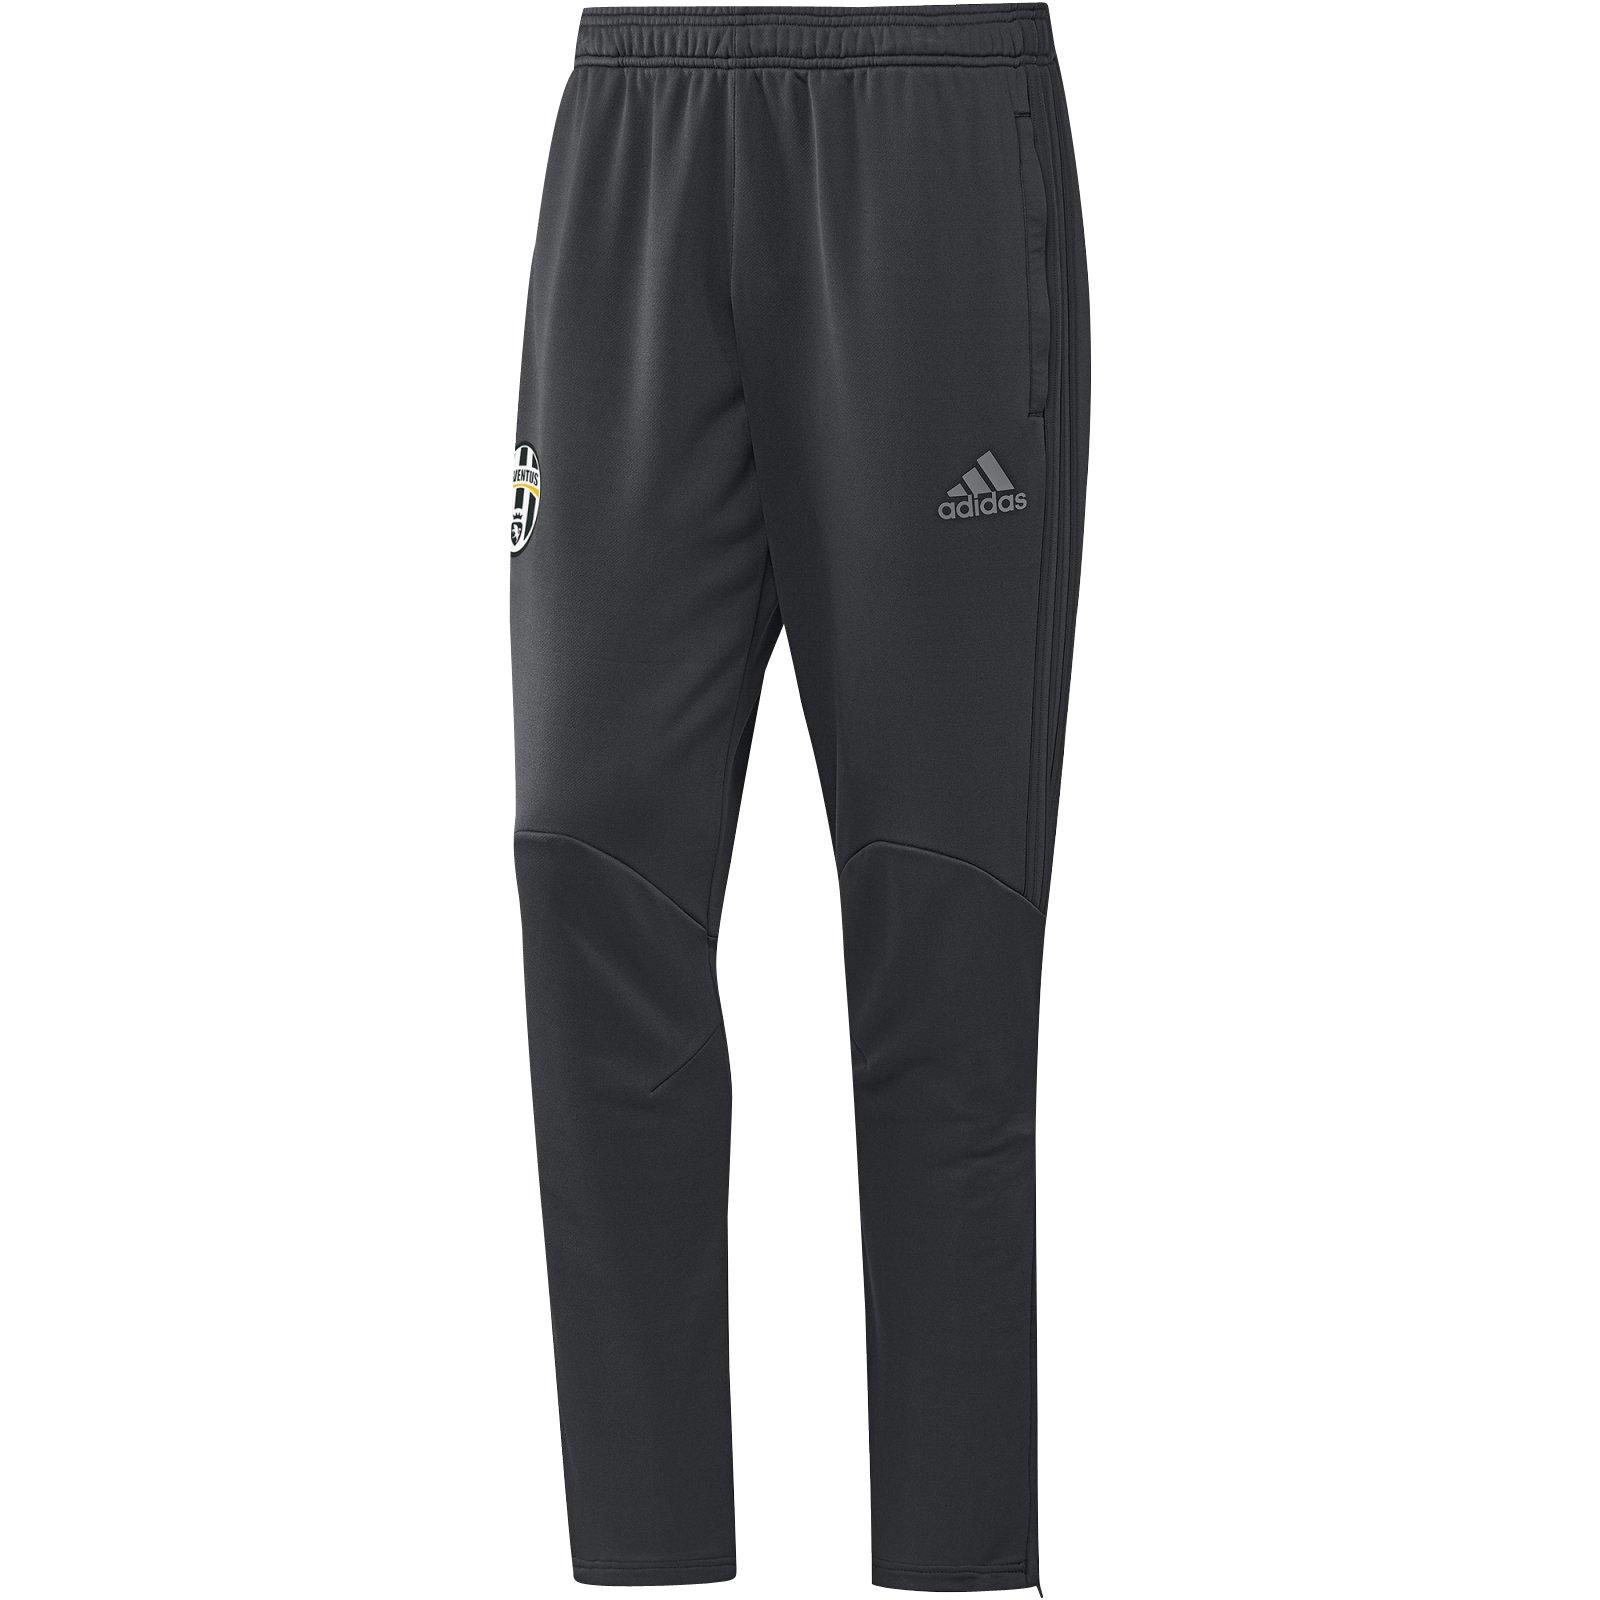 20162017 Juventus Adidas Presentation Pants (Dark Grey)